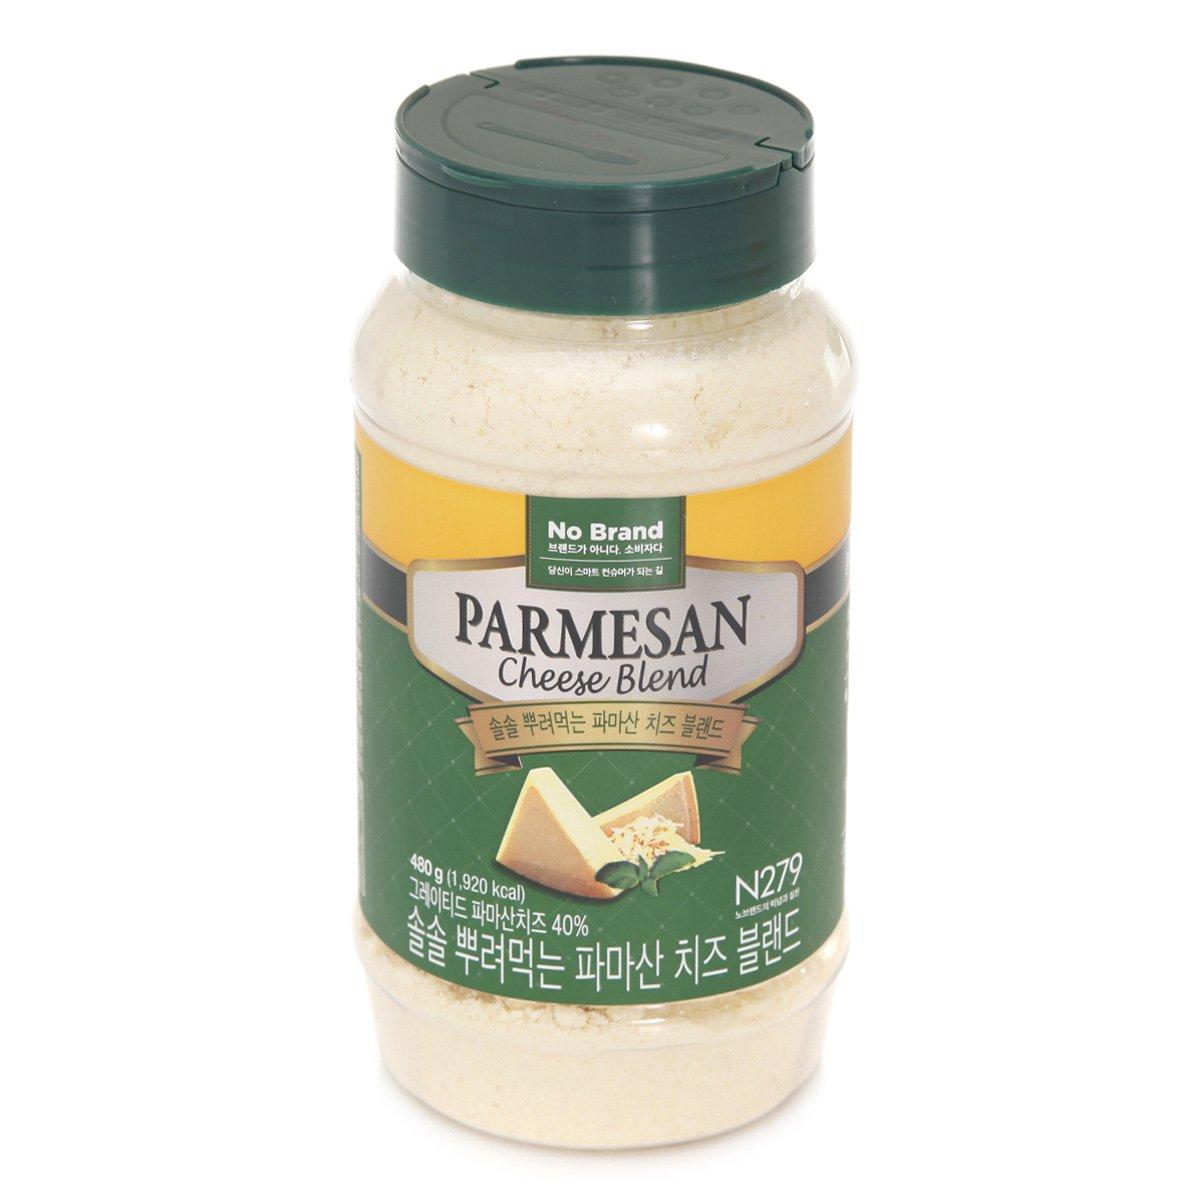 [노브랜드] 솔솔 뿌려먹는 파마산 치즈 가루 블랜드 480g